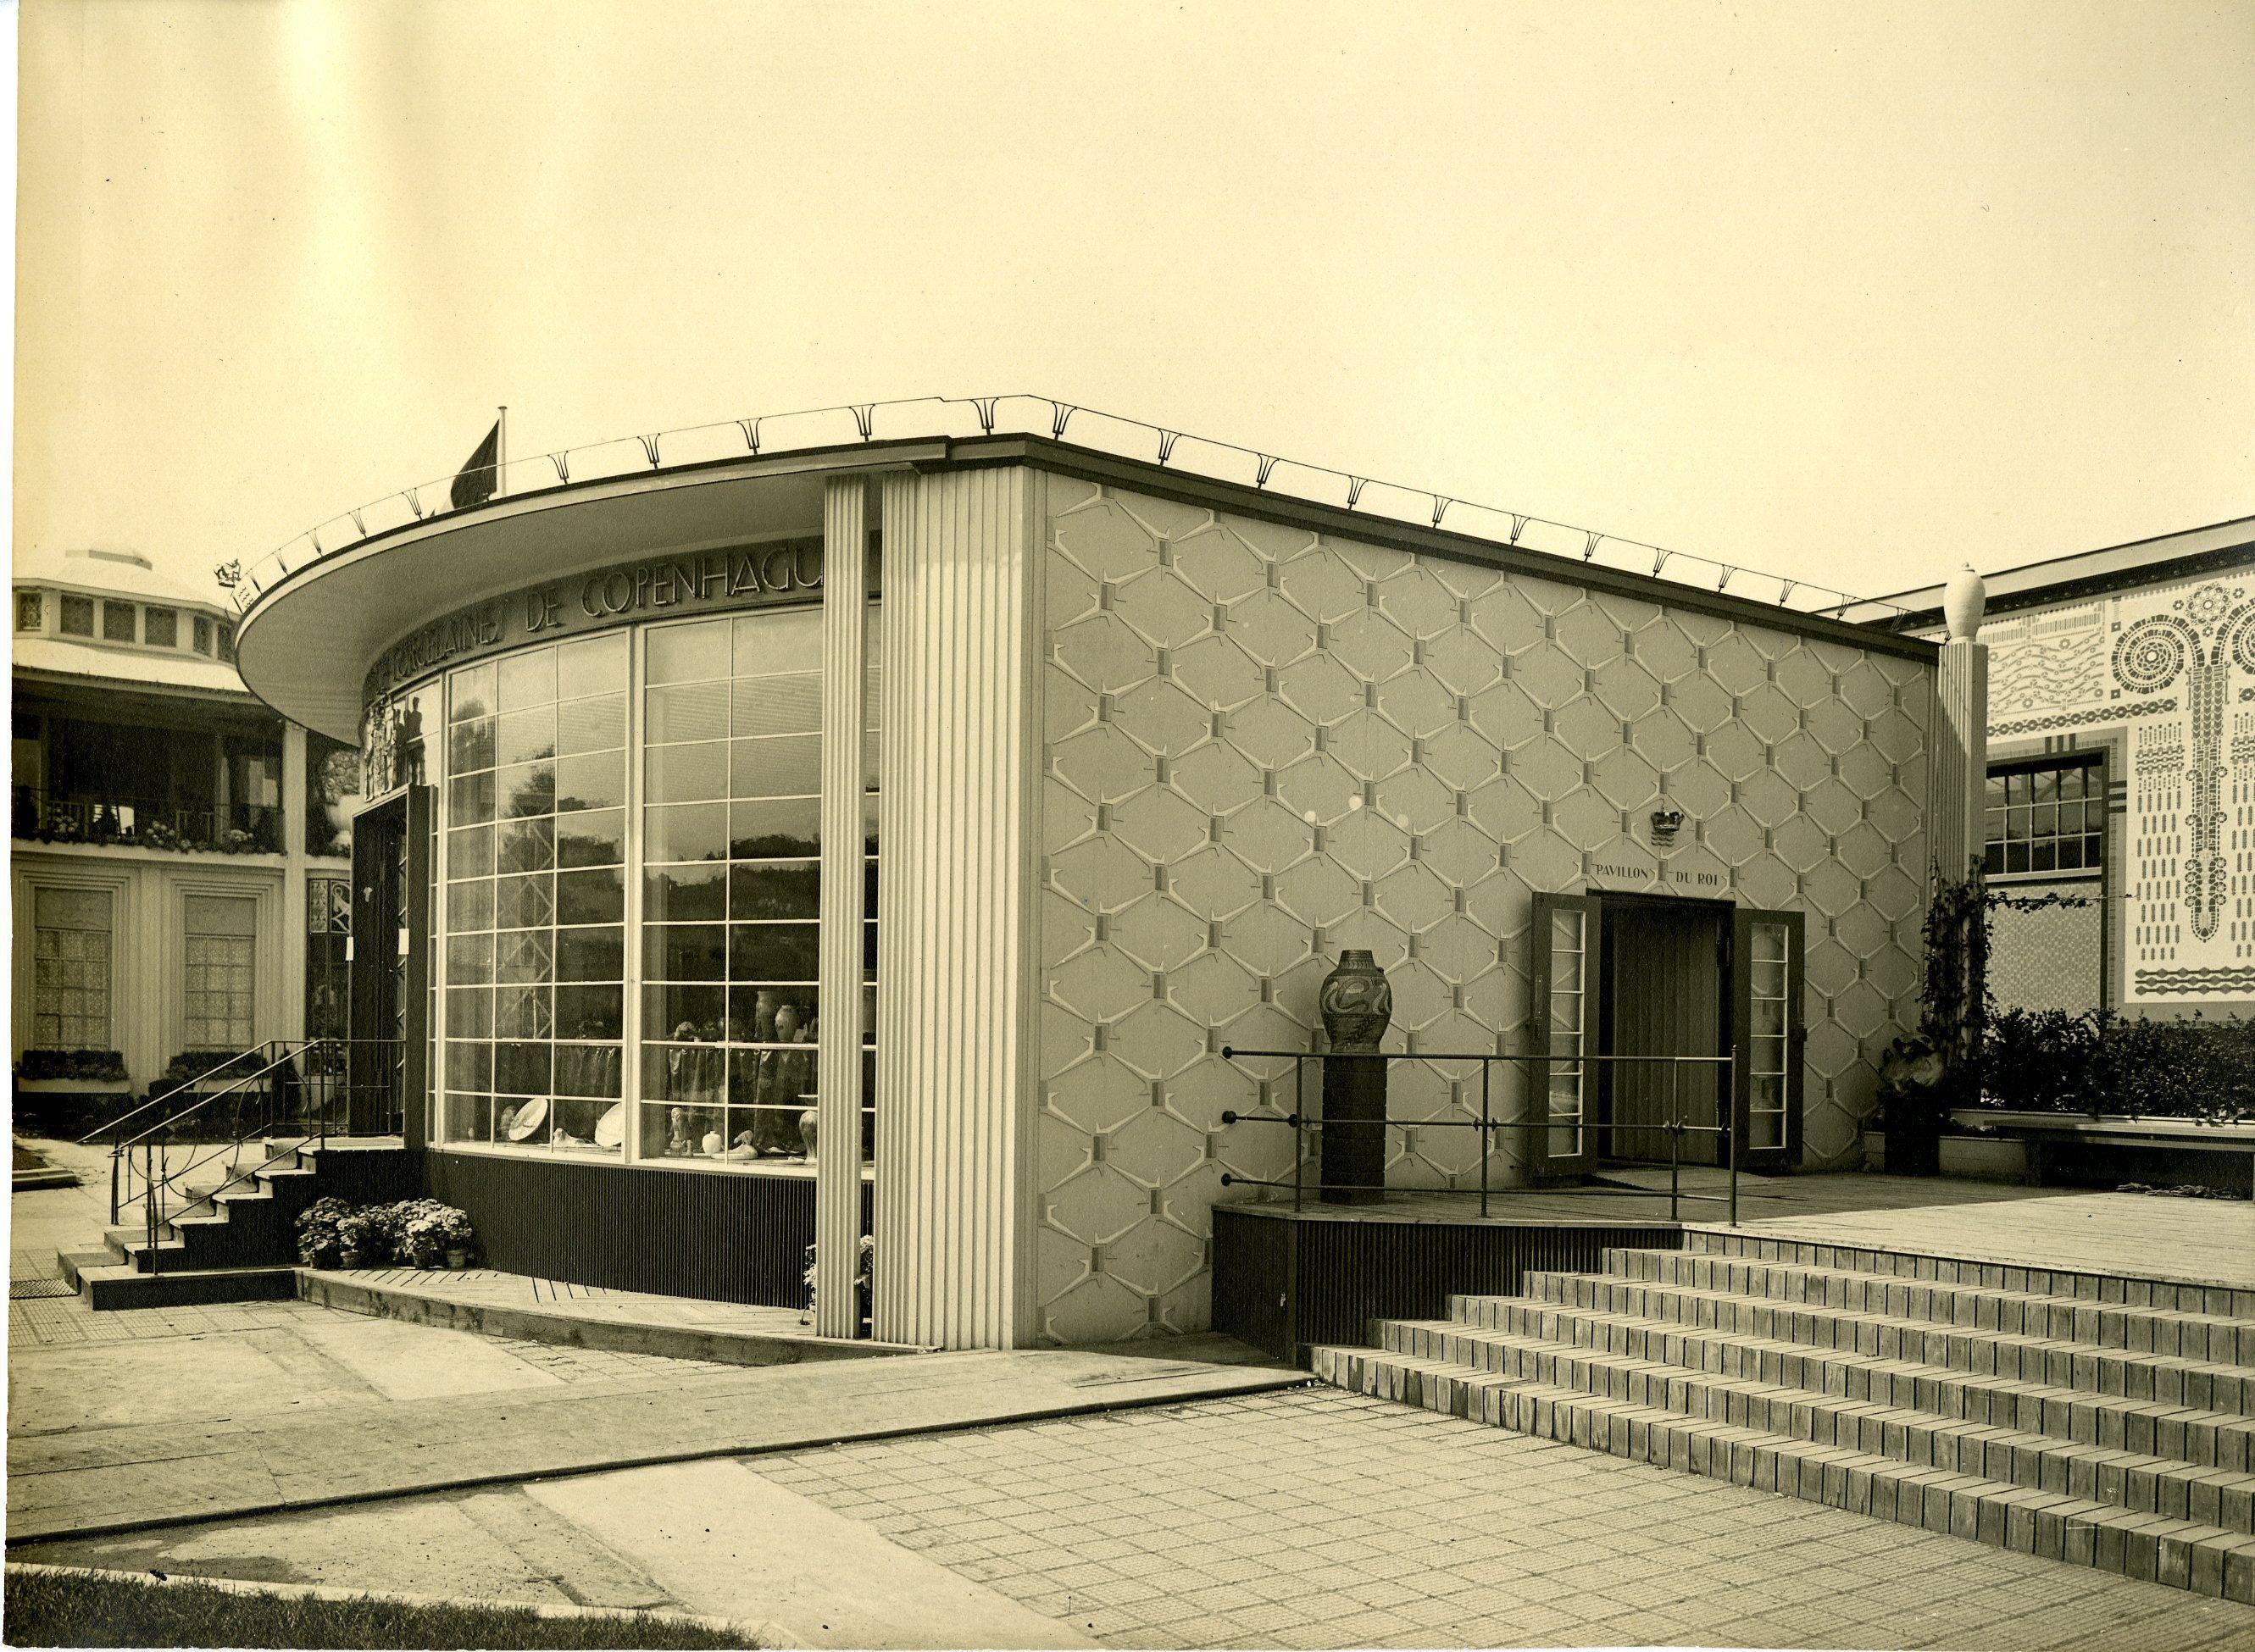 Den Kongelige Porcelainsfabriks udstillingspavillon på Verdensudstillingen i Paris 1925. Tegnet af Bent Helweg Møller